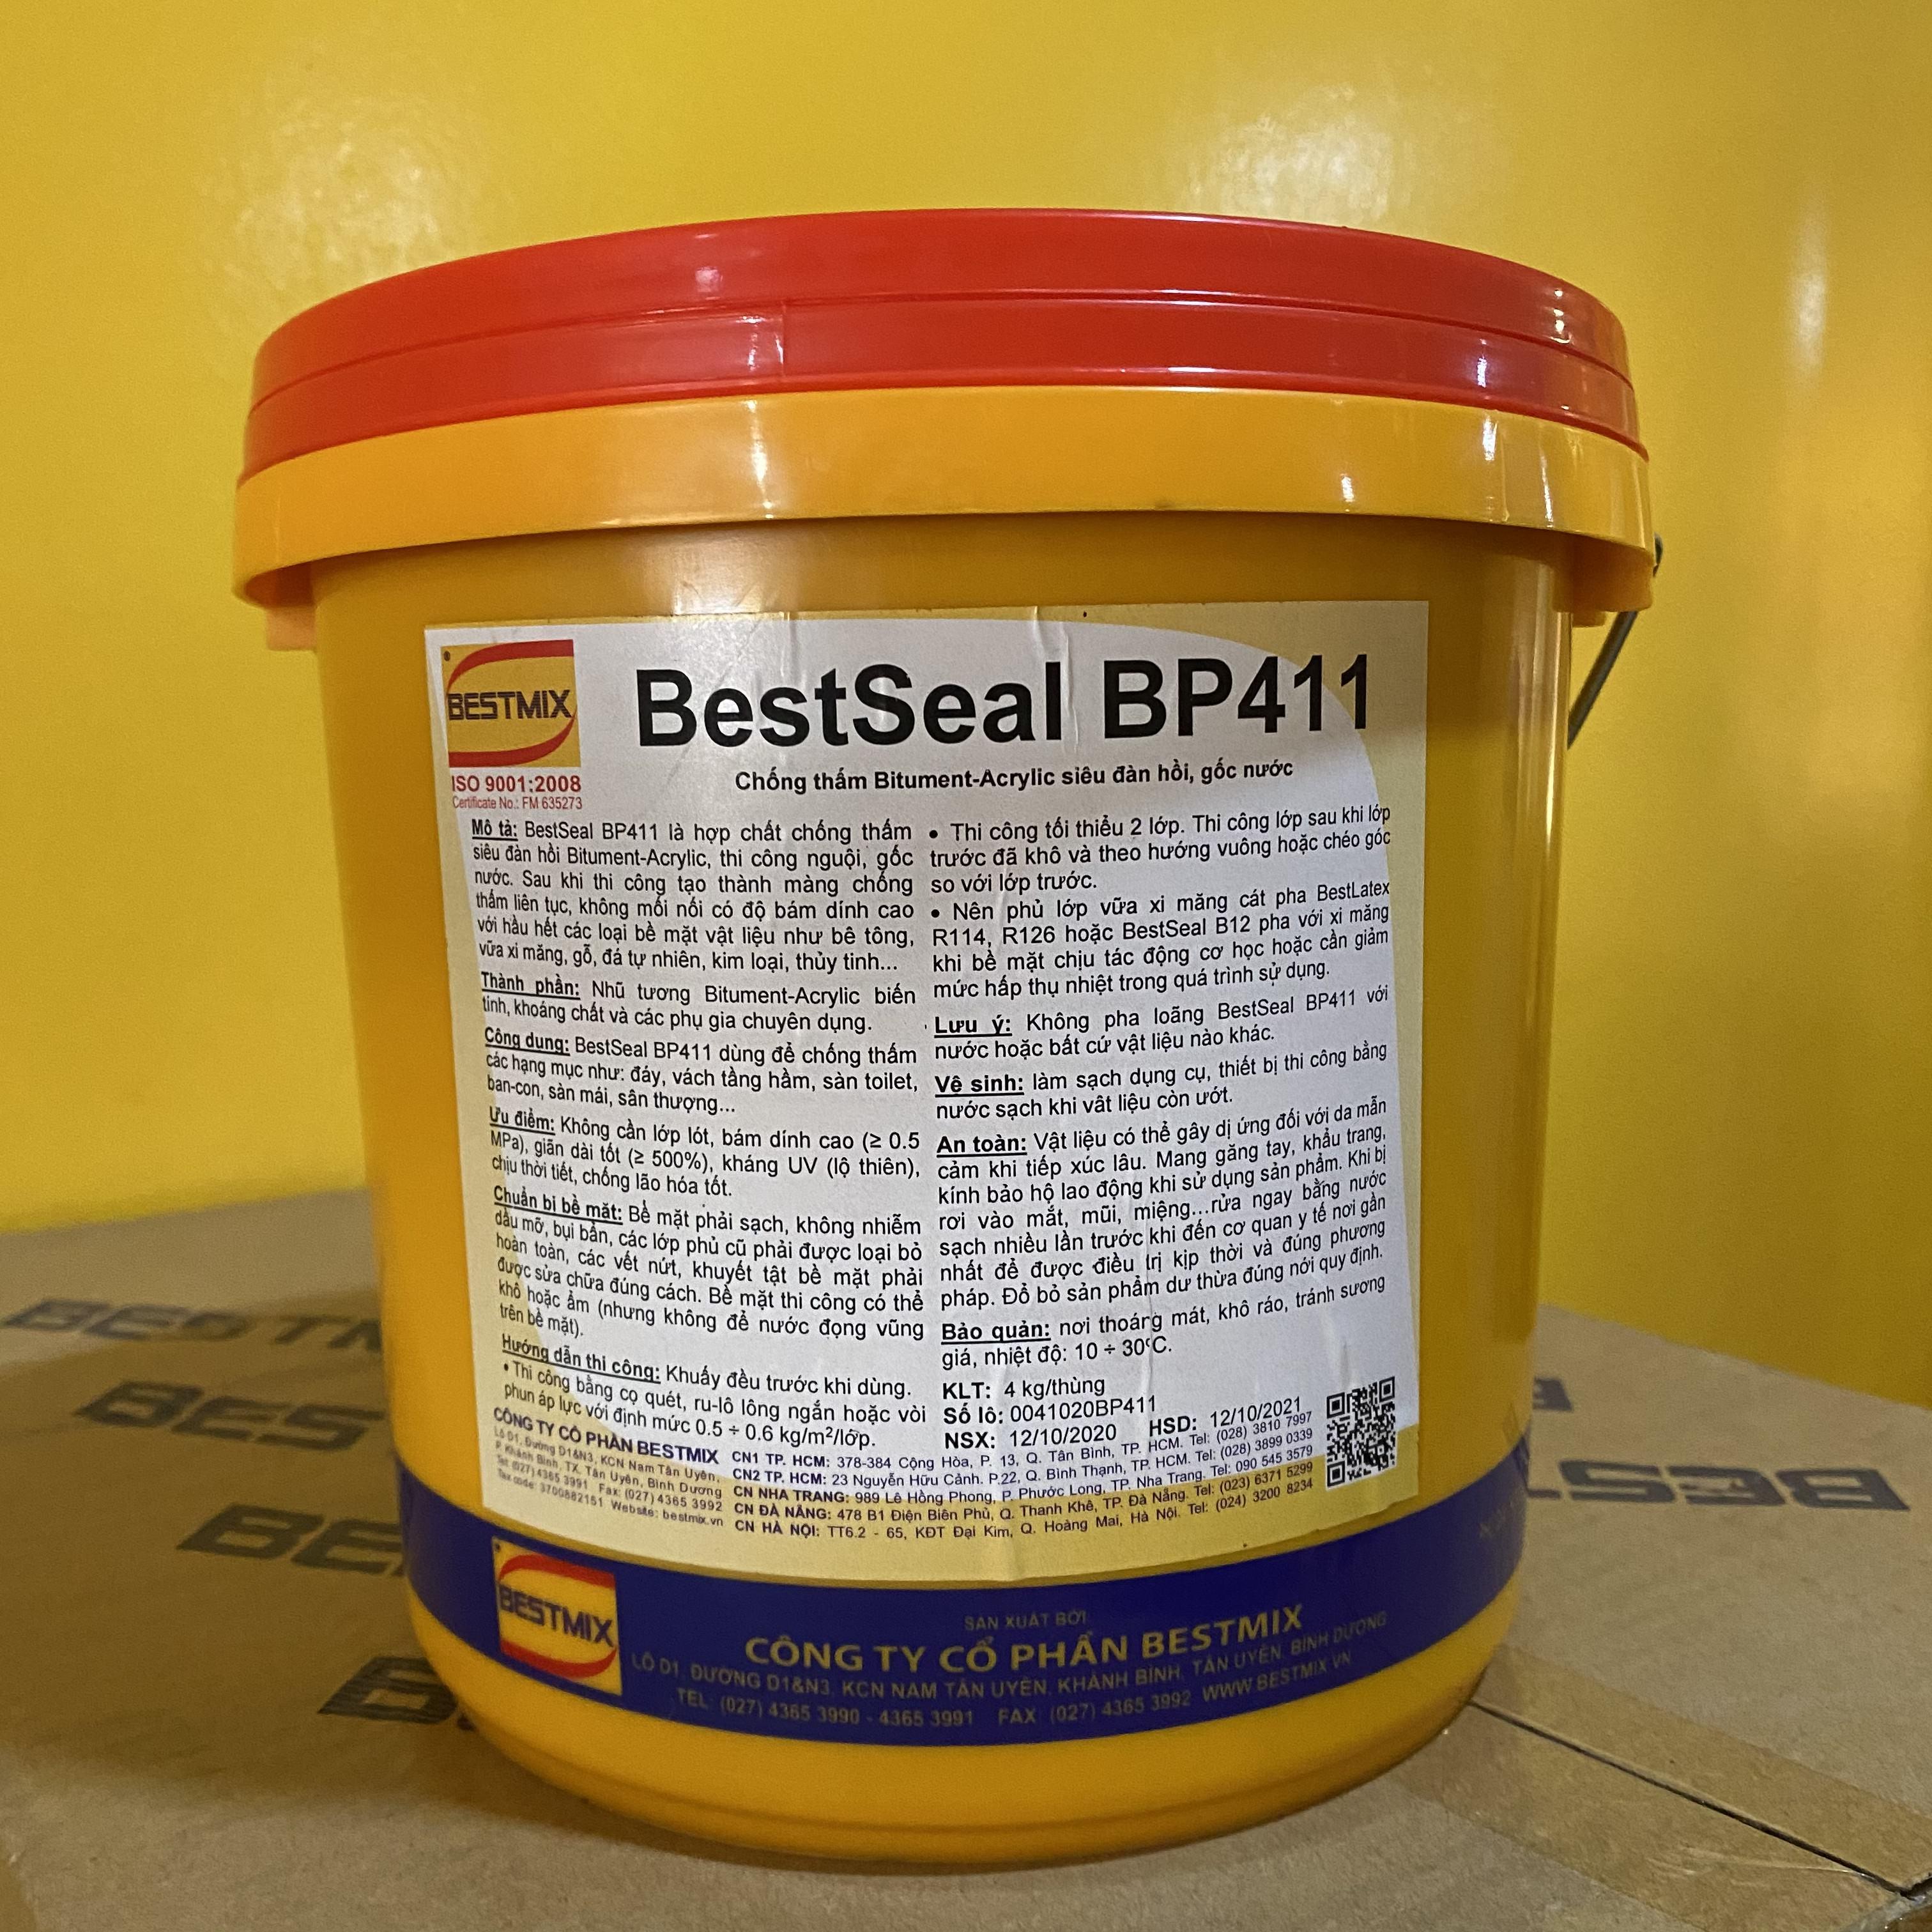 Bestseal BP411